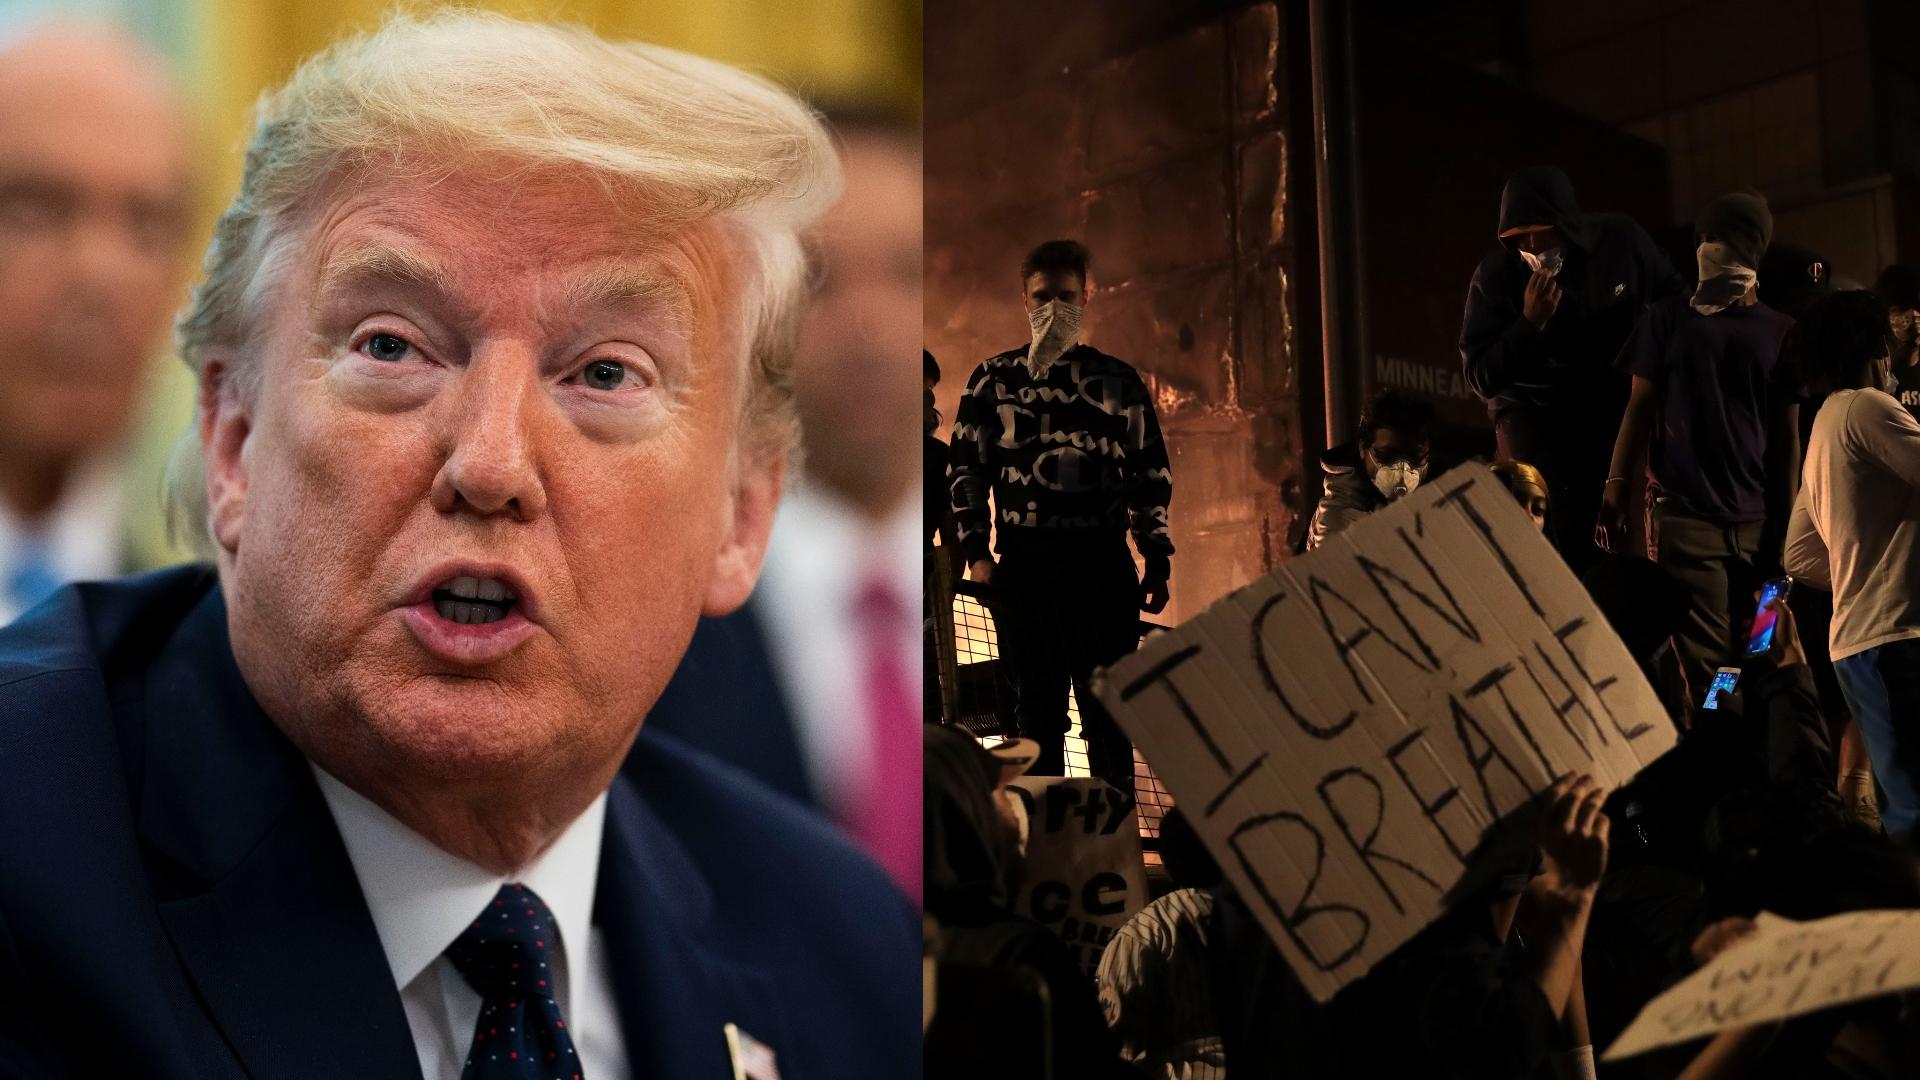 Donald Trump vs. Protesters